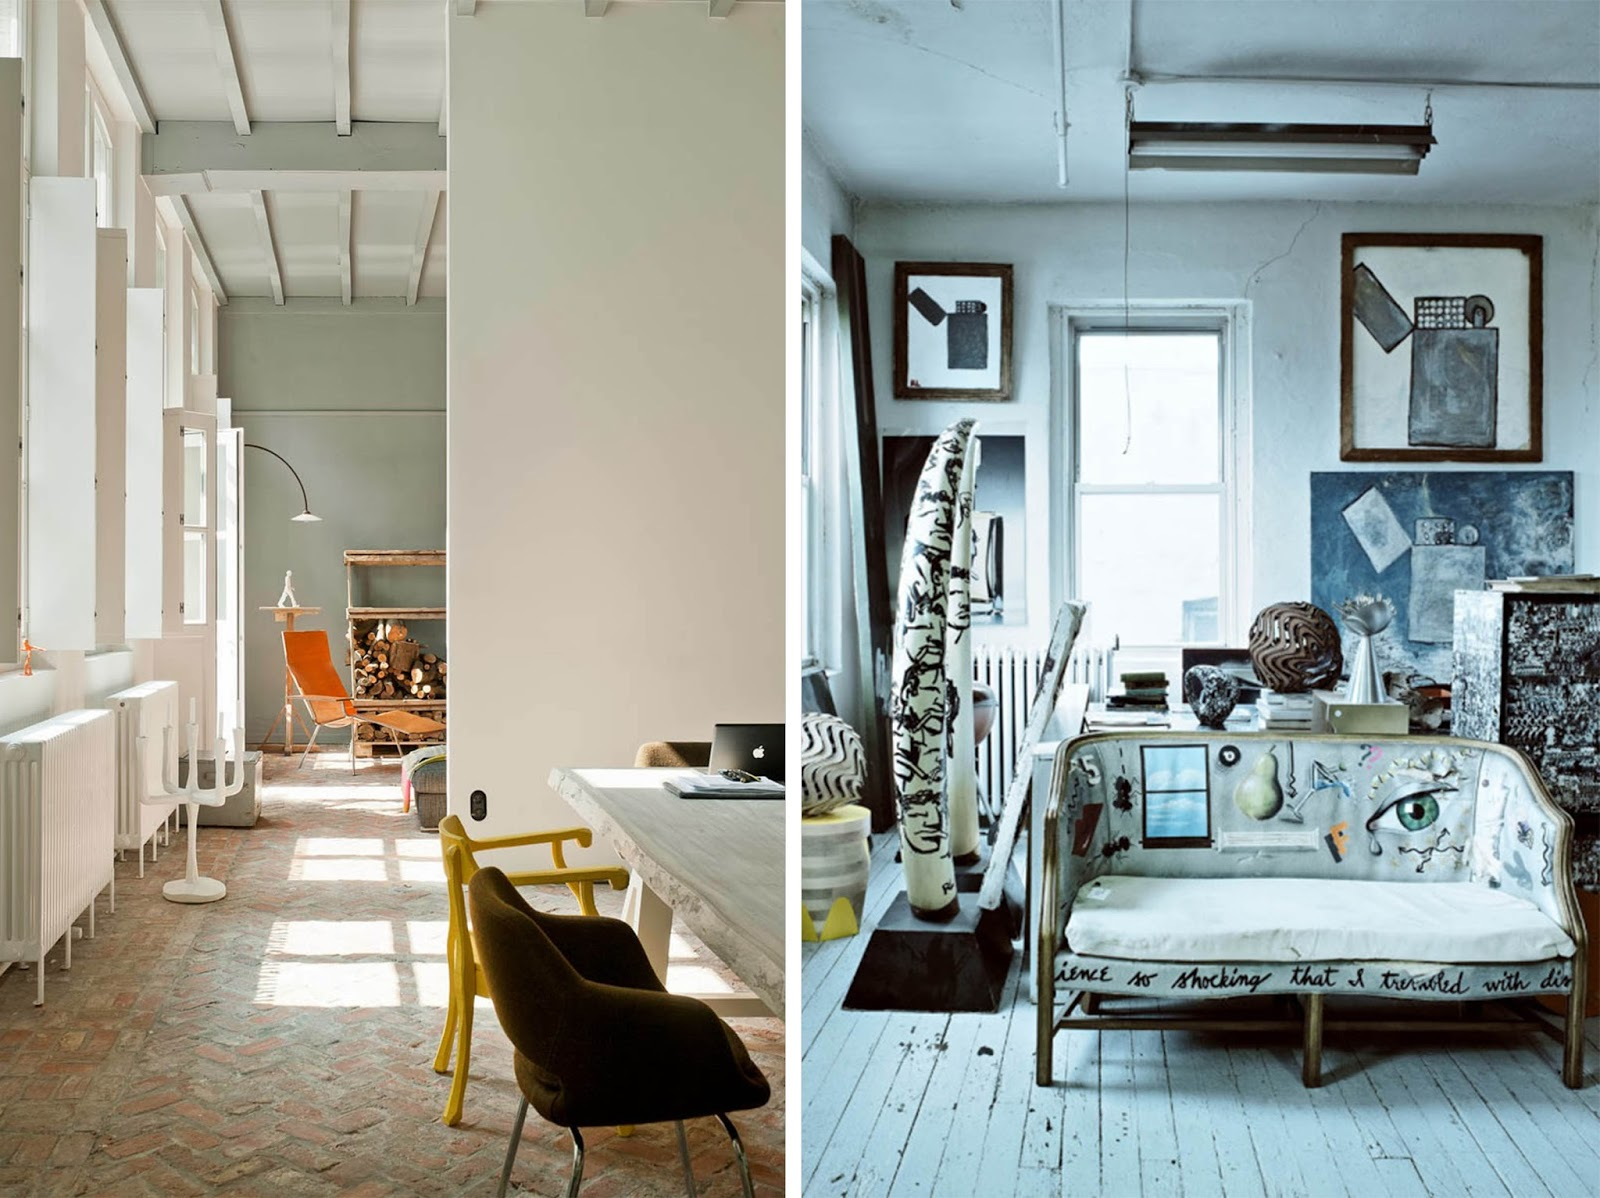 Arredamento Casa Stile Americano : Arredamento casa stile americano ...